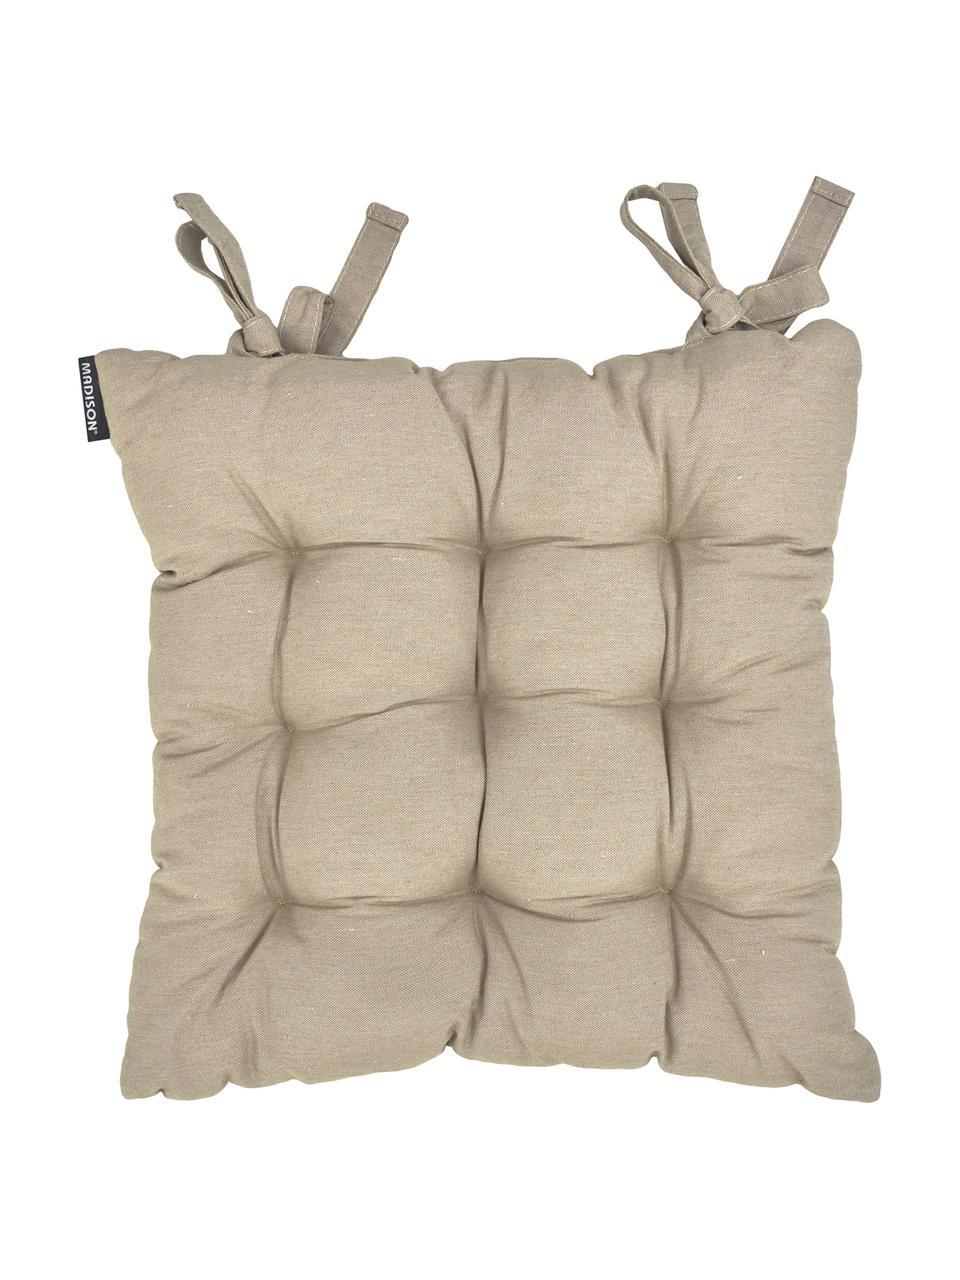 Poduszka na siedzisko Panama, Tapicerka: 50% bawełna, 45% polieste, Odcienie piaskowego, S 45 x D 45 cm